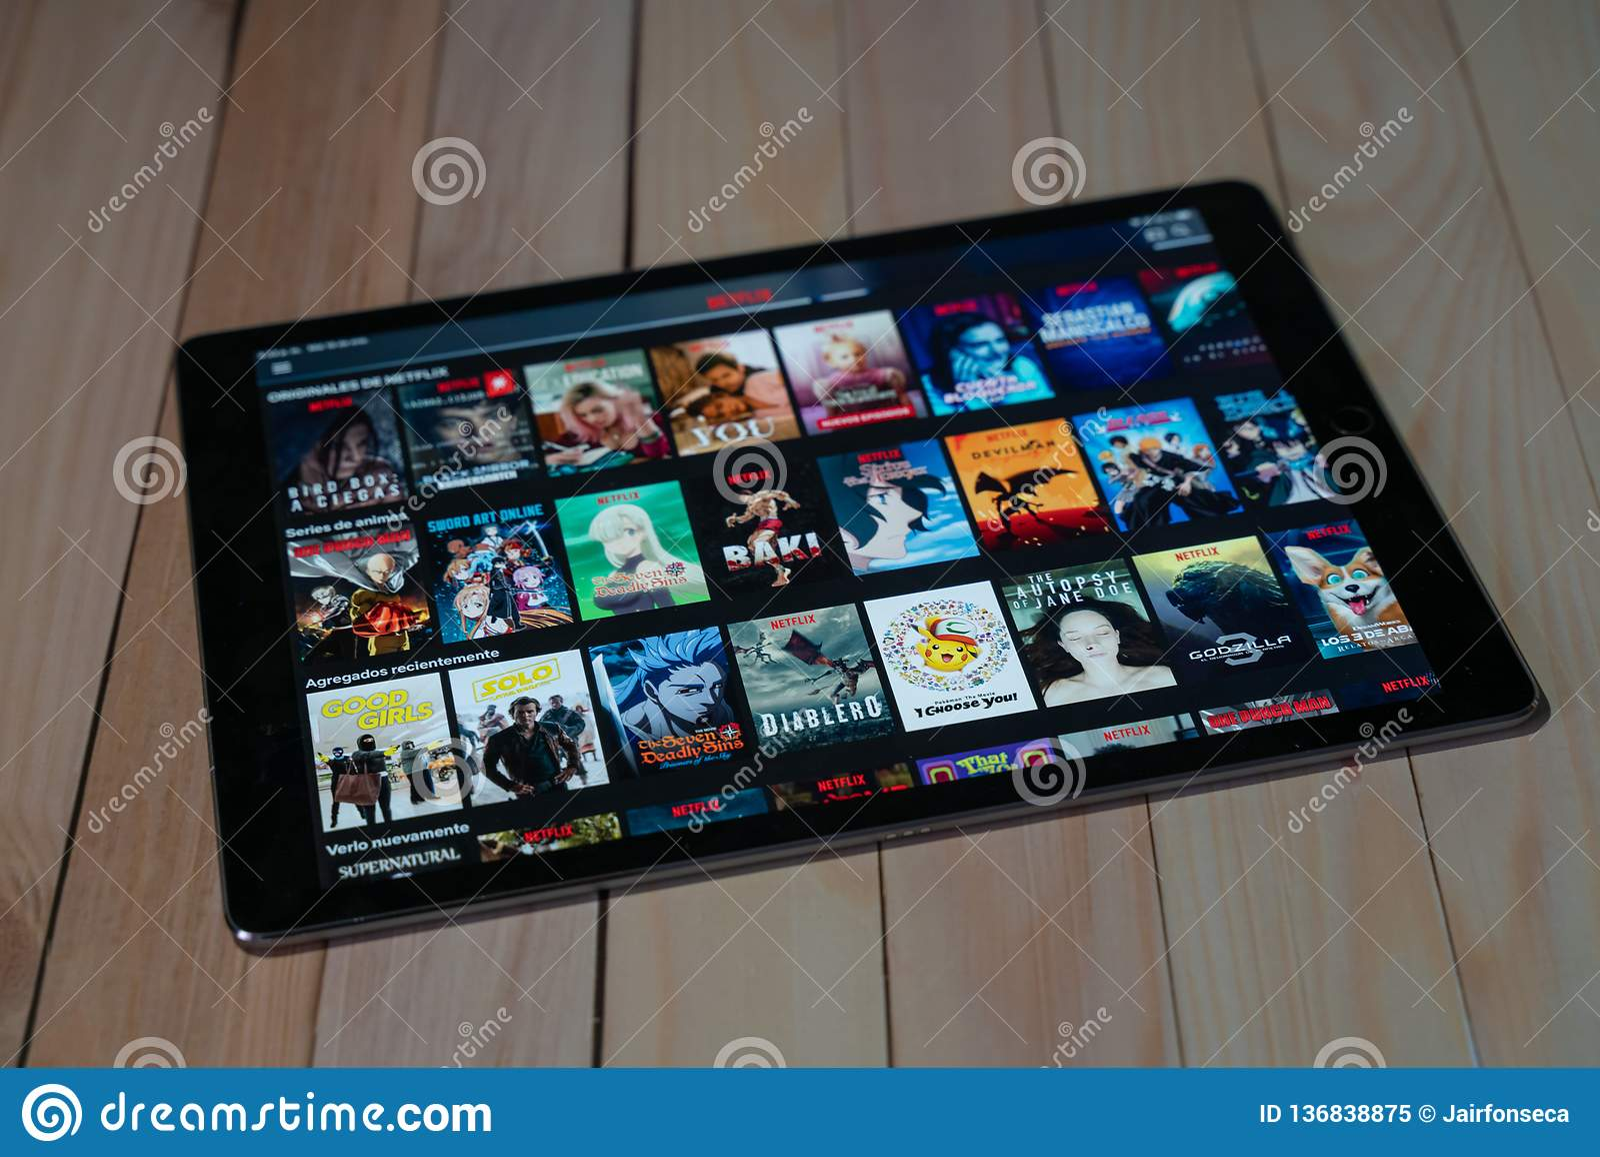 IPad Pro12 un nuovo prodotto di 9 compresse della mela facendo uso di Netflix, Netflix è un fornitore globale di flusso continuo